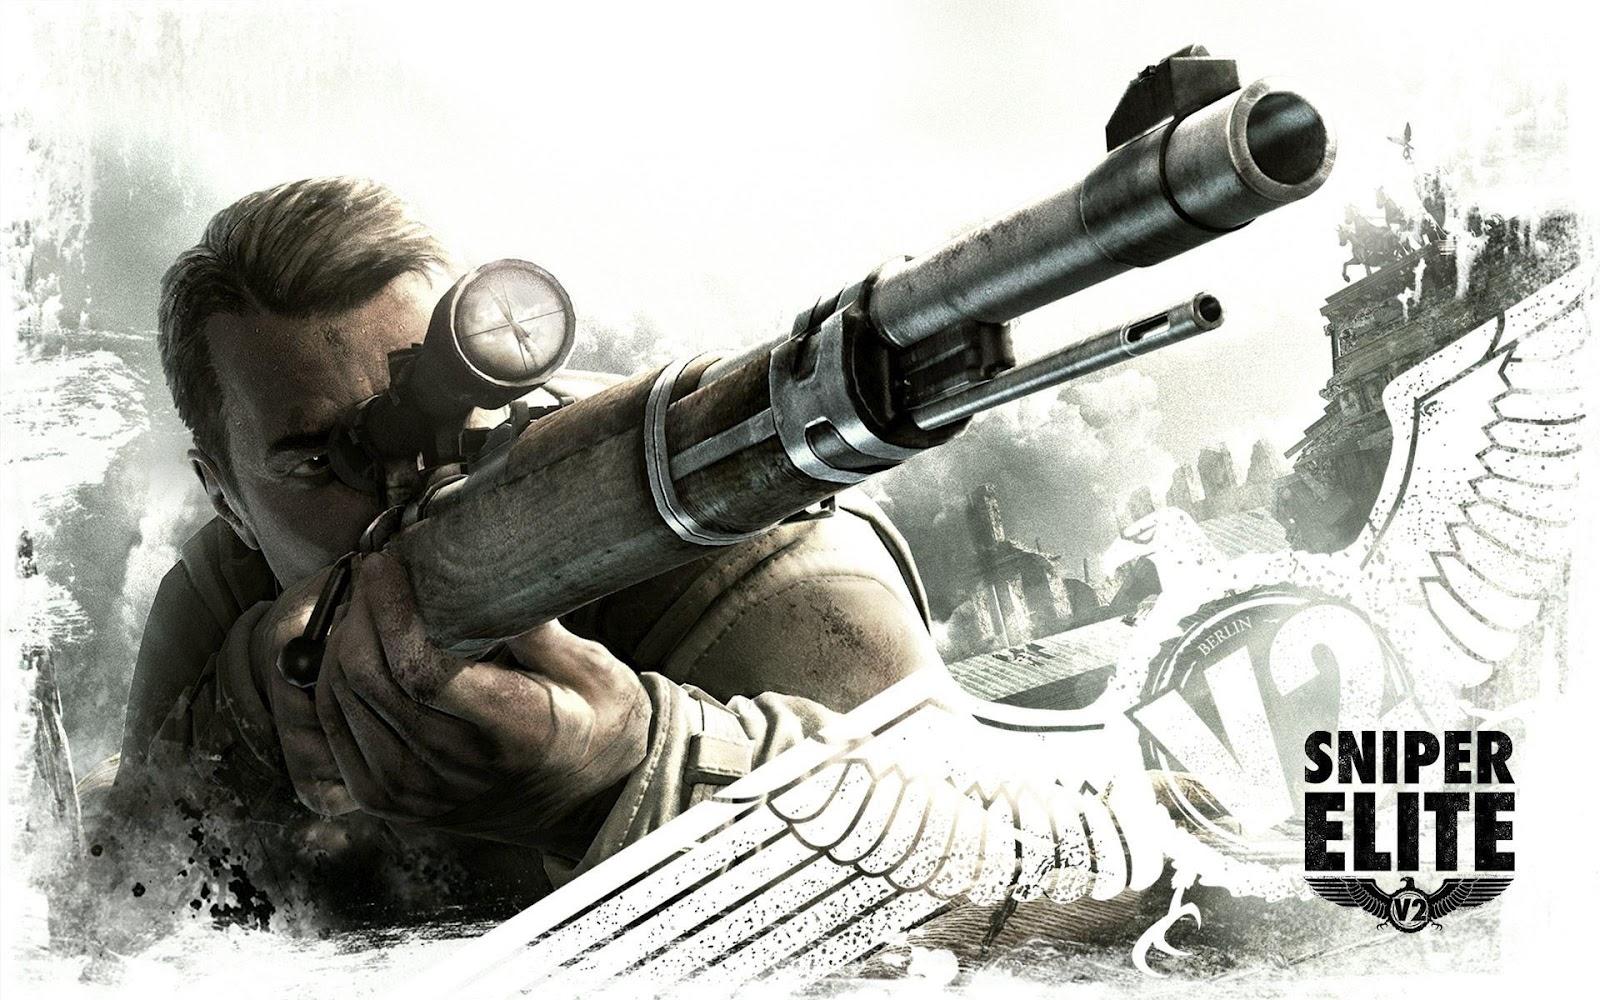 http://1.bp.blogspot.com/-VMZJmnxJsaY/T69RuZKPzfI/AAAAAAAACHc/oqOqGEspBxQ/s1600/sniper-elite-2-1920x1200.jpg